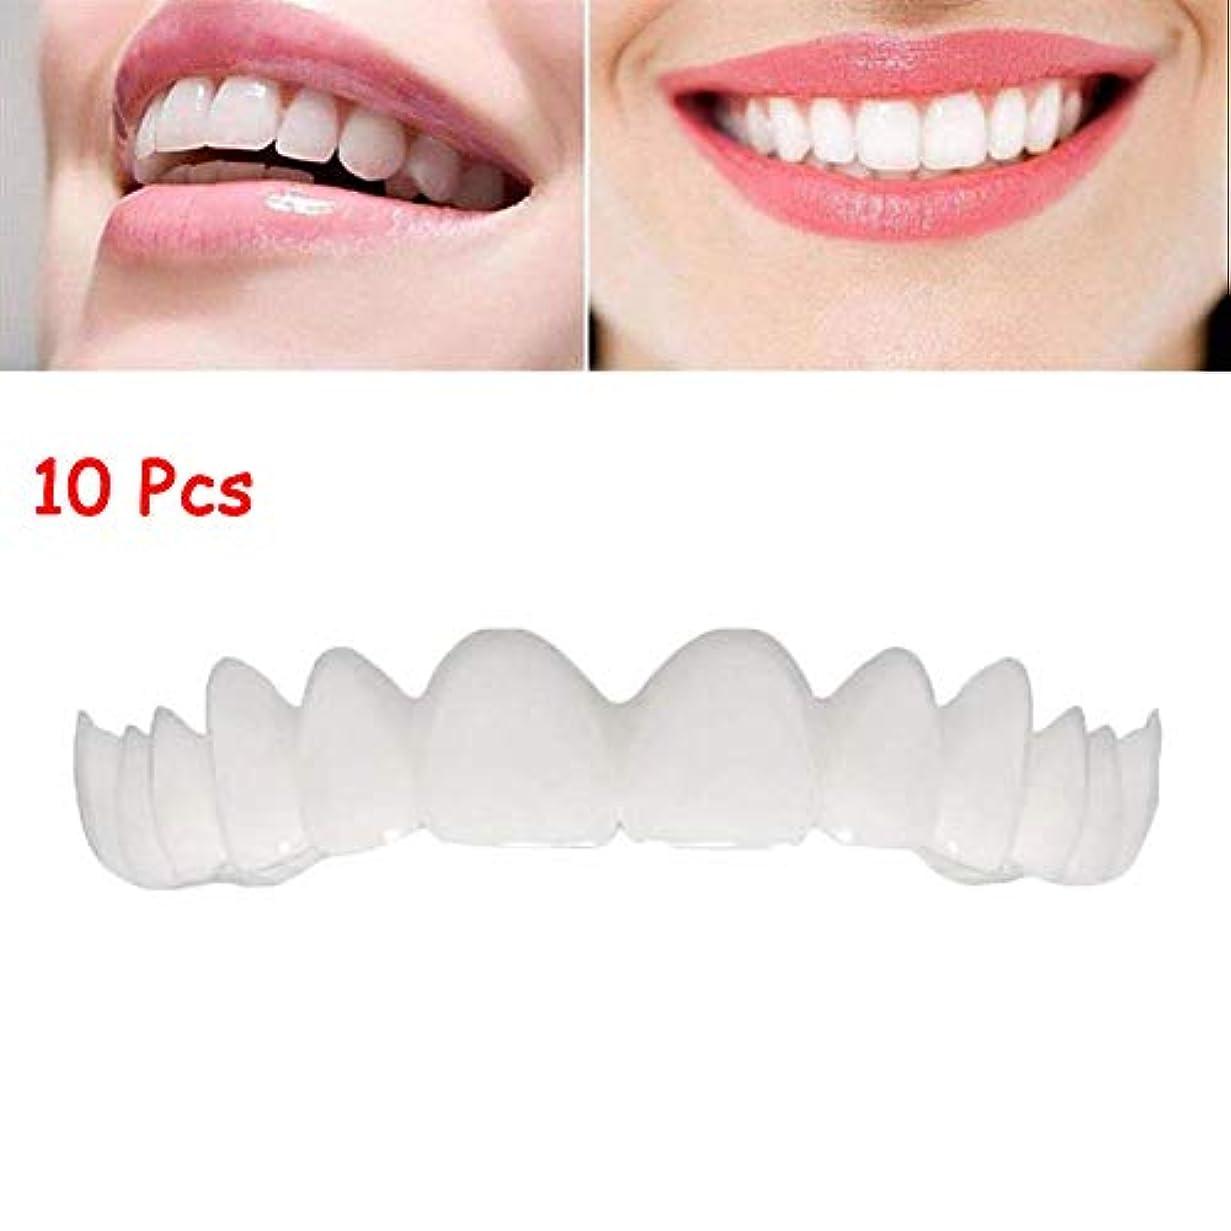 コンパス欠席メタン10本の一時的な化粧品の歯義歯歯の化粧品模擬装具アッパーブレースホワイトニング歯スナップキャップインスタント快適なフレックスパーフェクトベニア